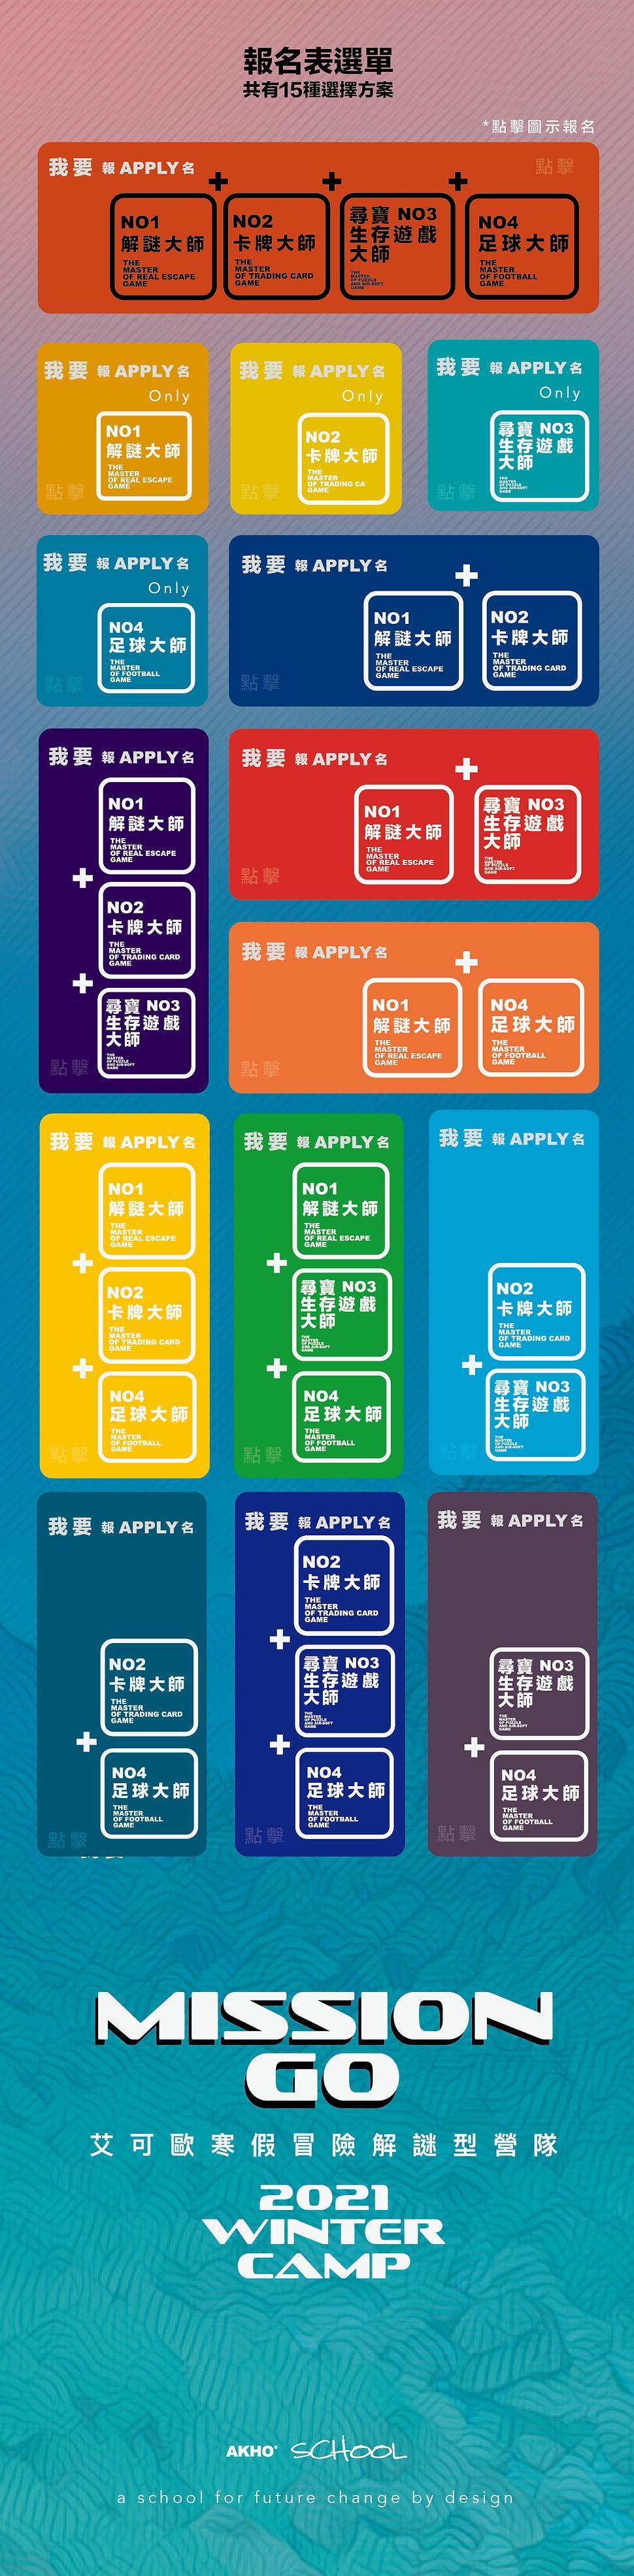 pokemon web poster 222_工作區域 1 複本 8.png